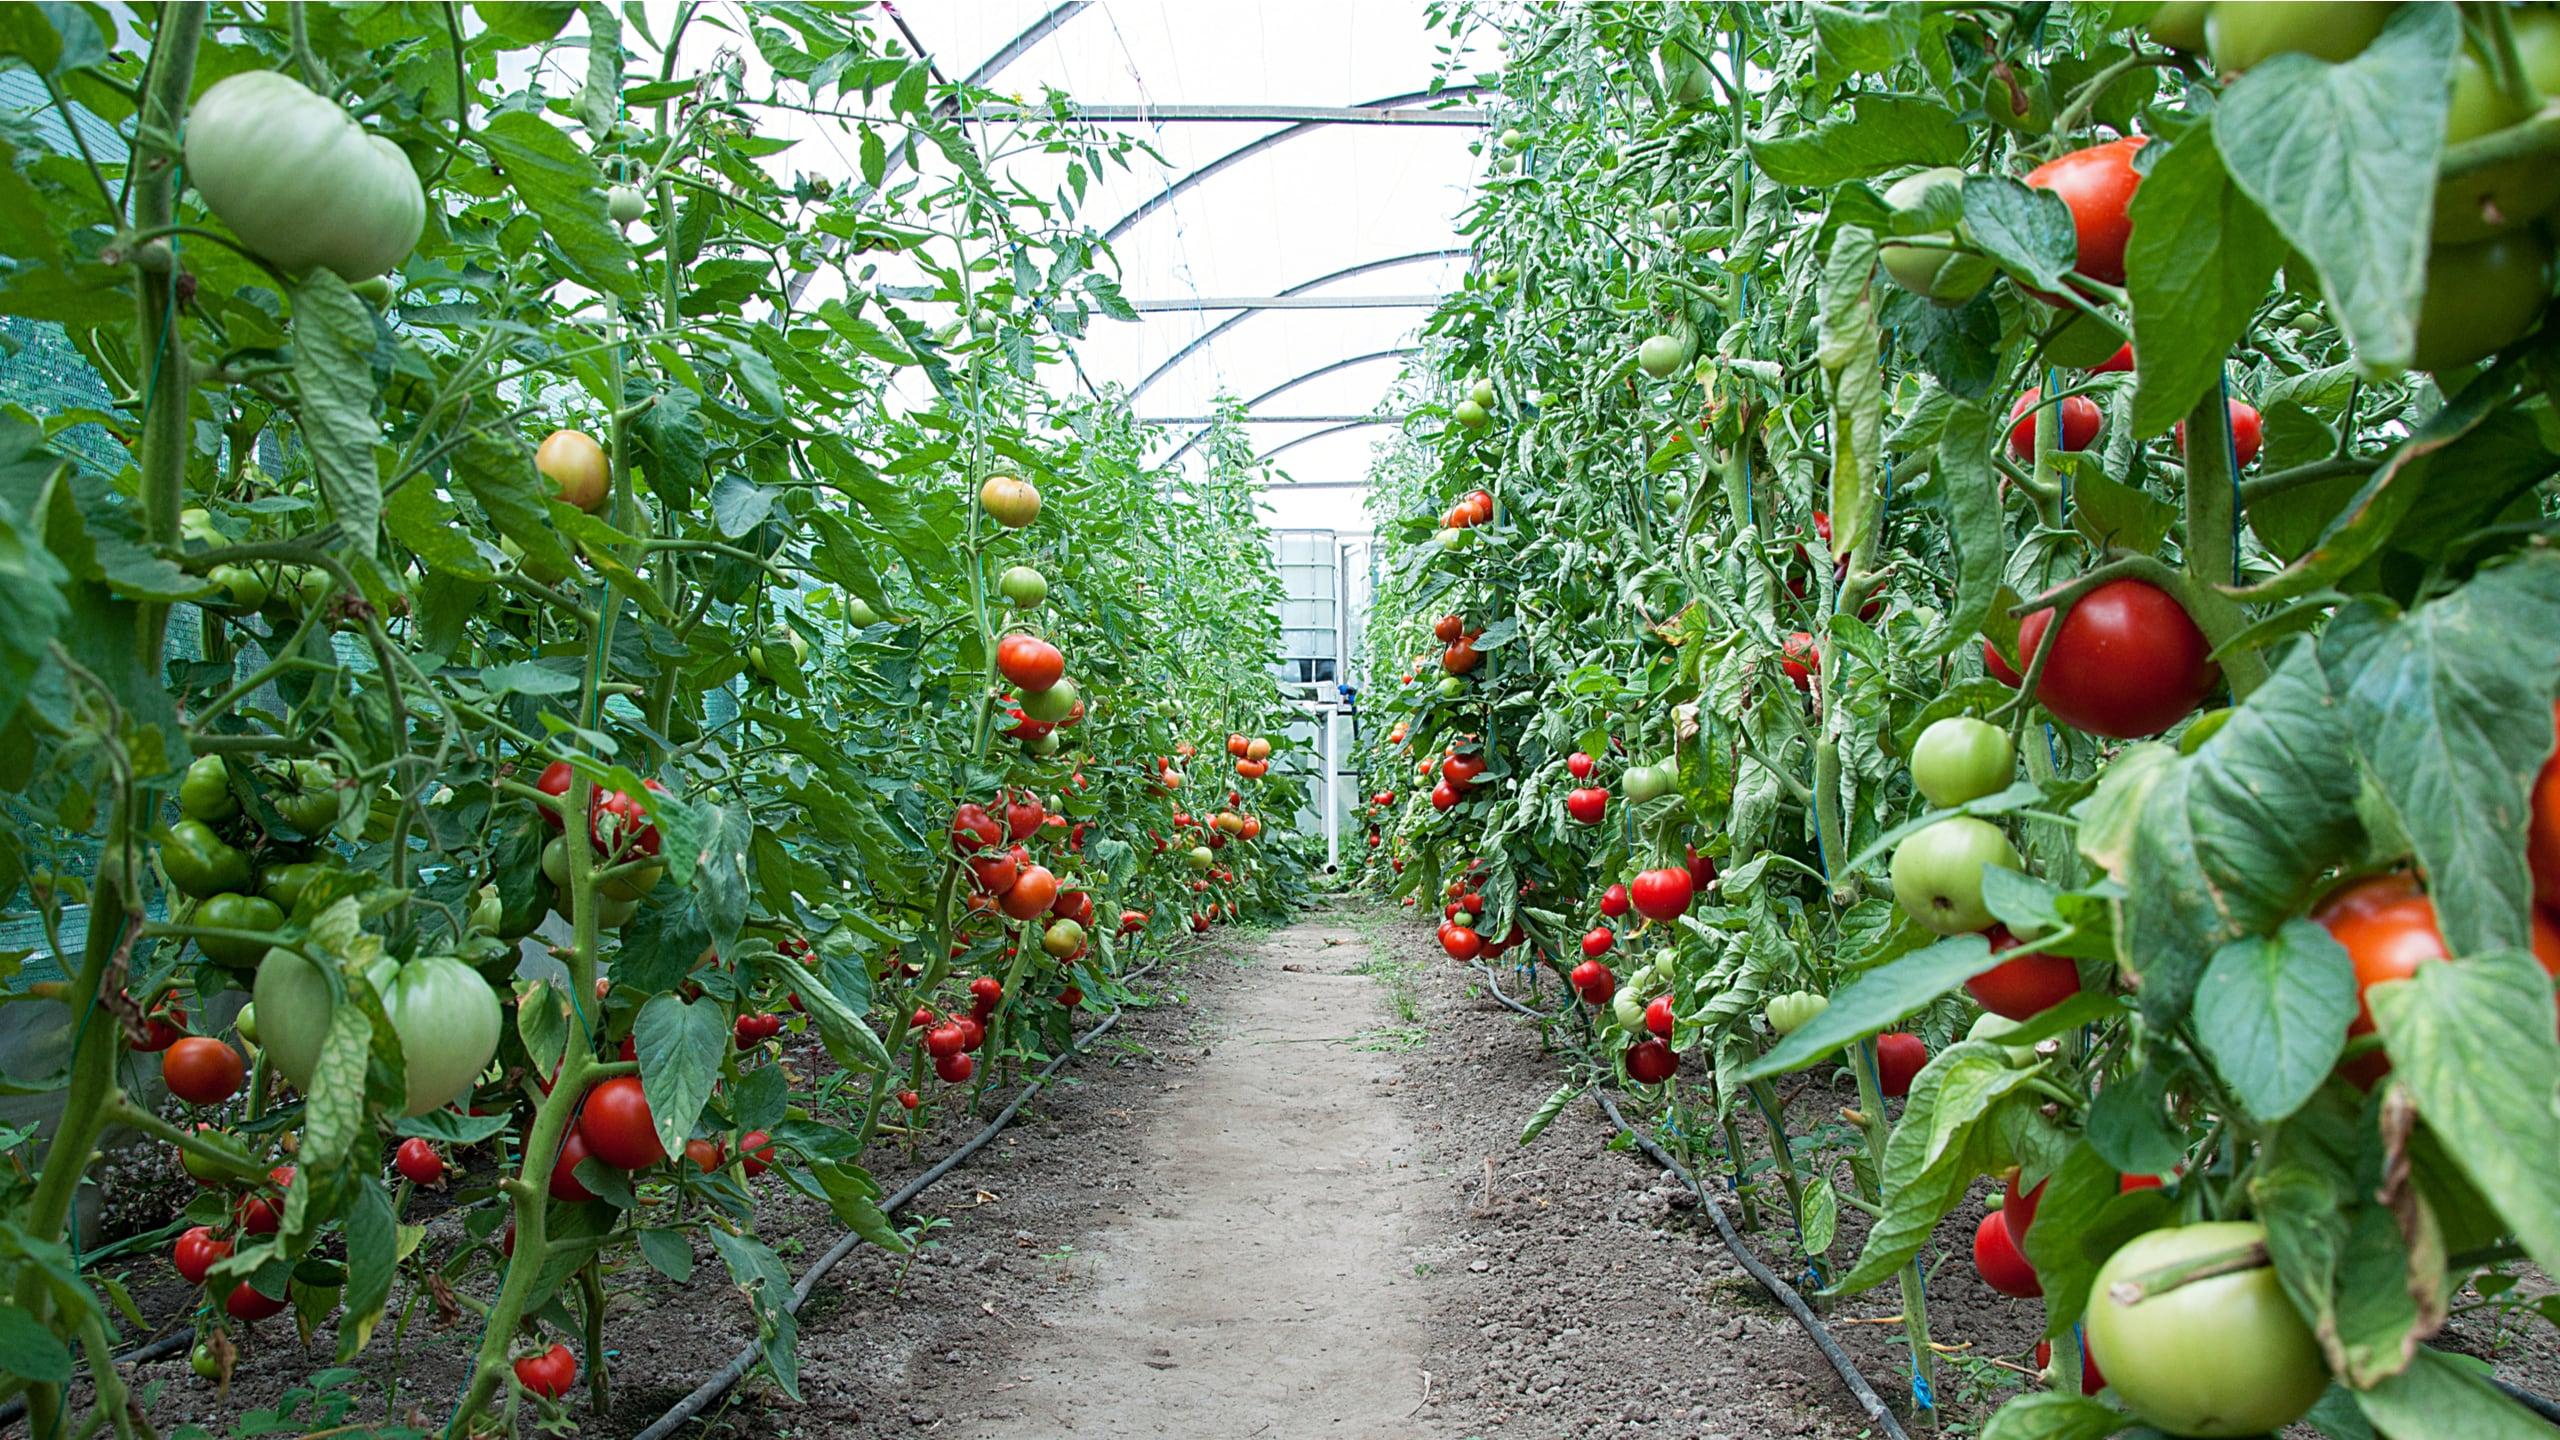 Son yıllarda yapılan bir çok araştırma, biyostimülantların bitki verimliliği üzerindeki olumlu etkilerini ortaya koymuştur.